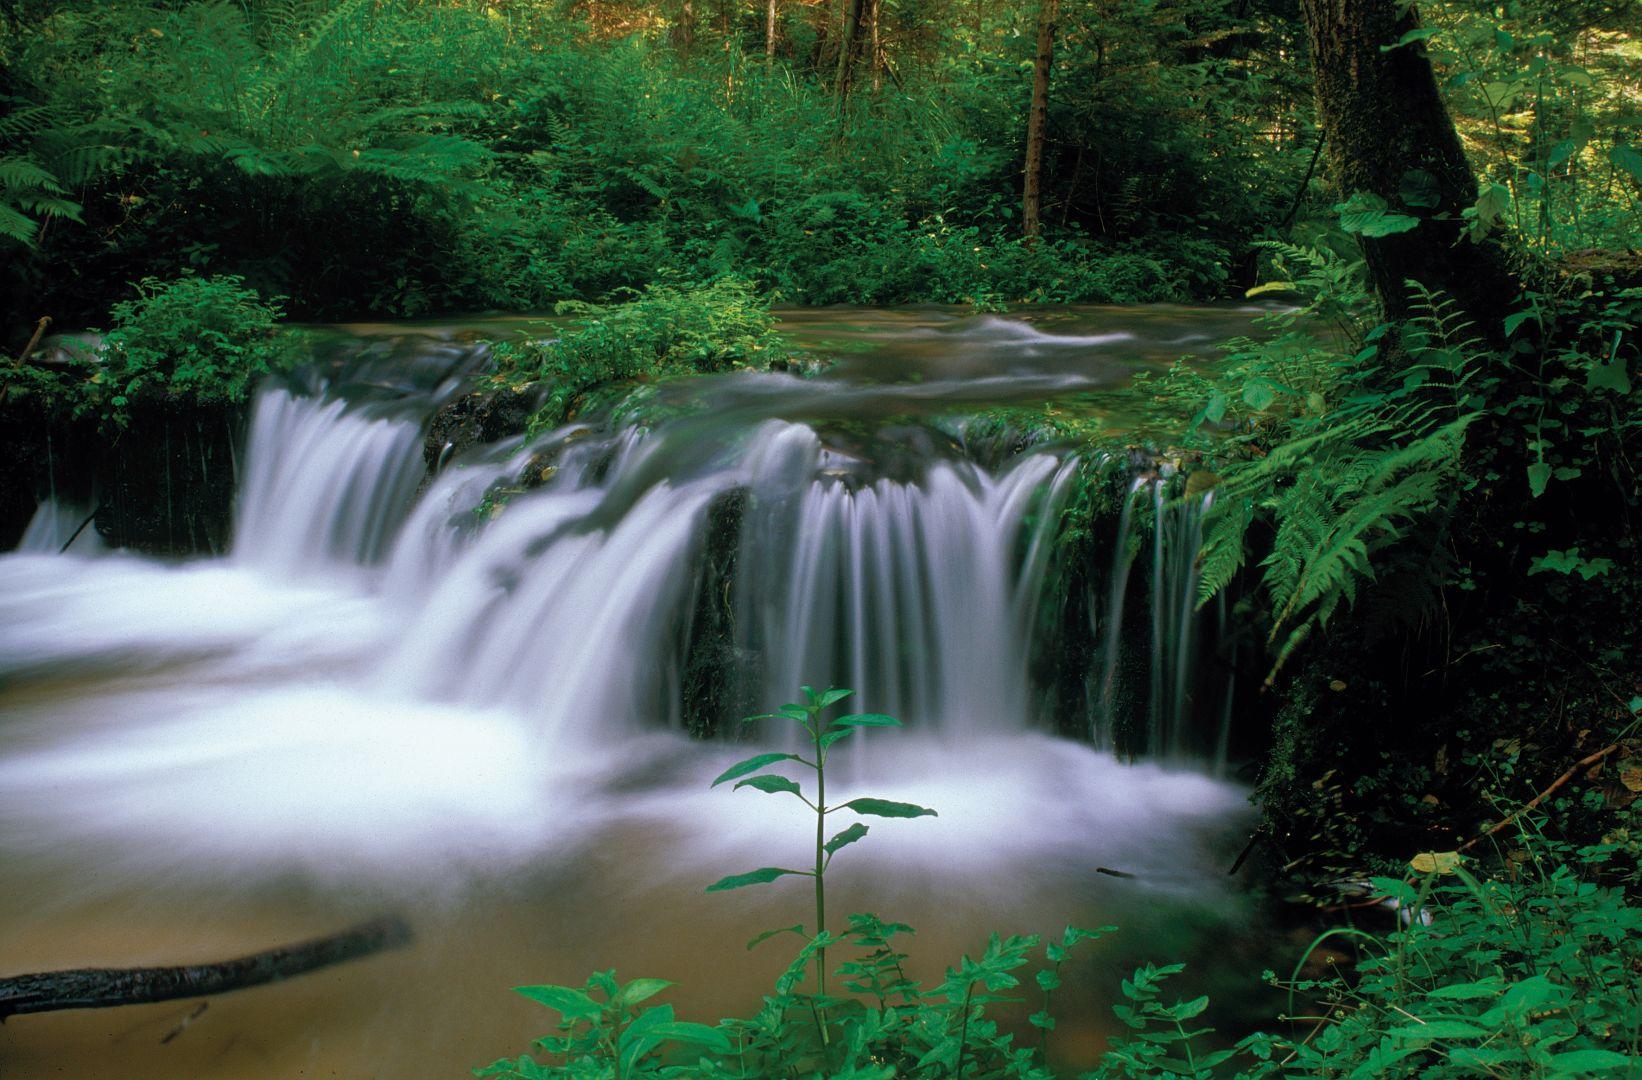 Rezerwat przyrody Nad Tanwią